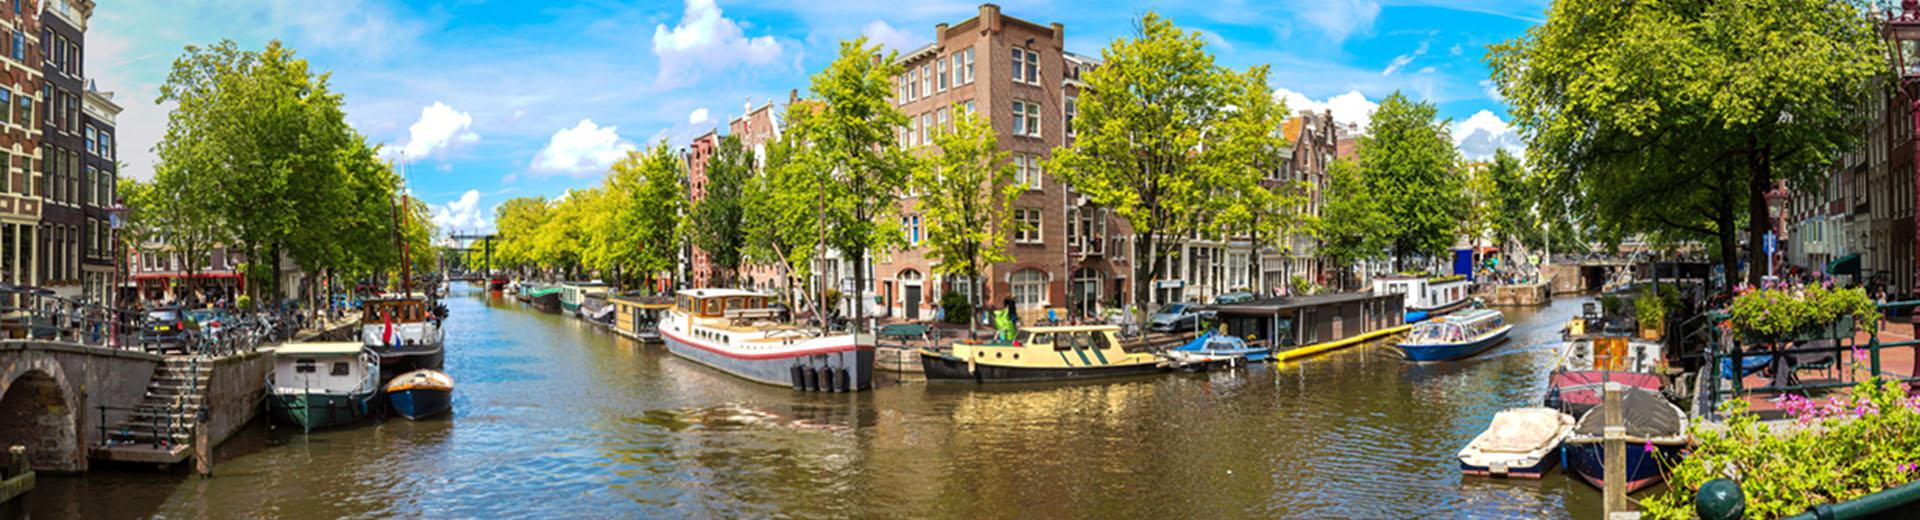 Voyage en groupe Amsterdam - offre économique train